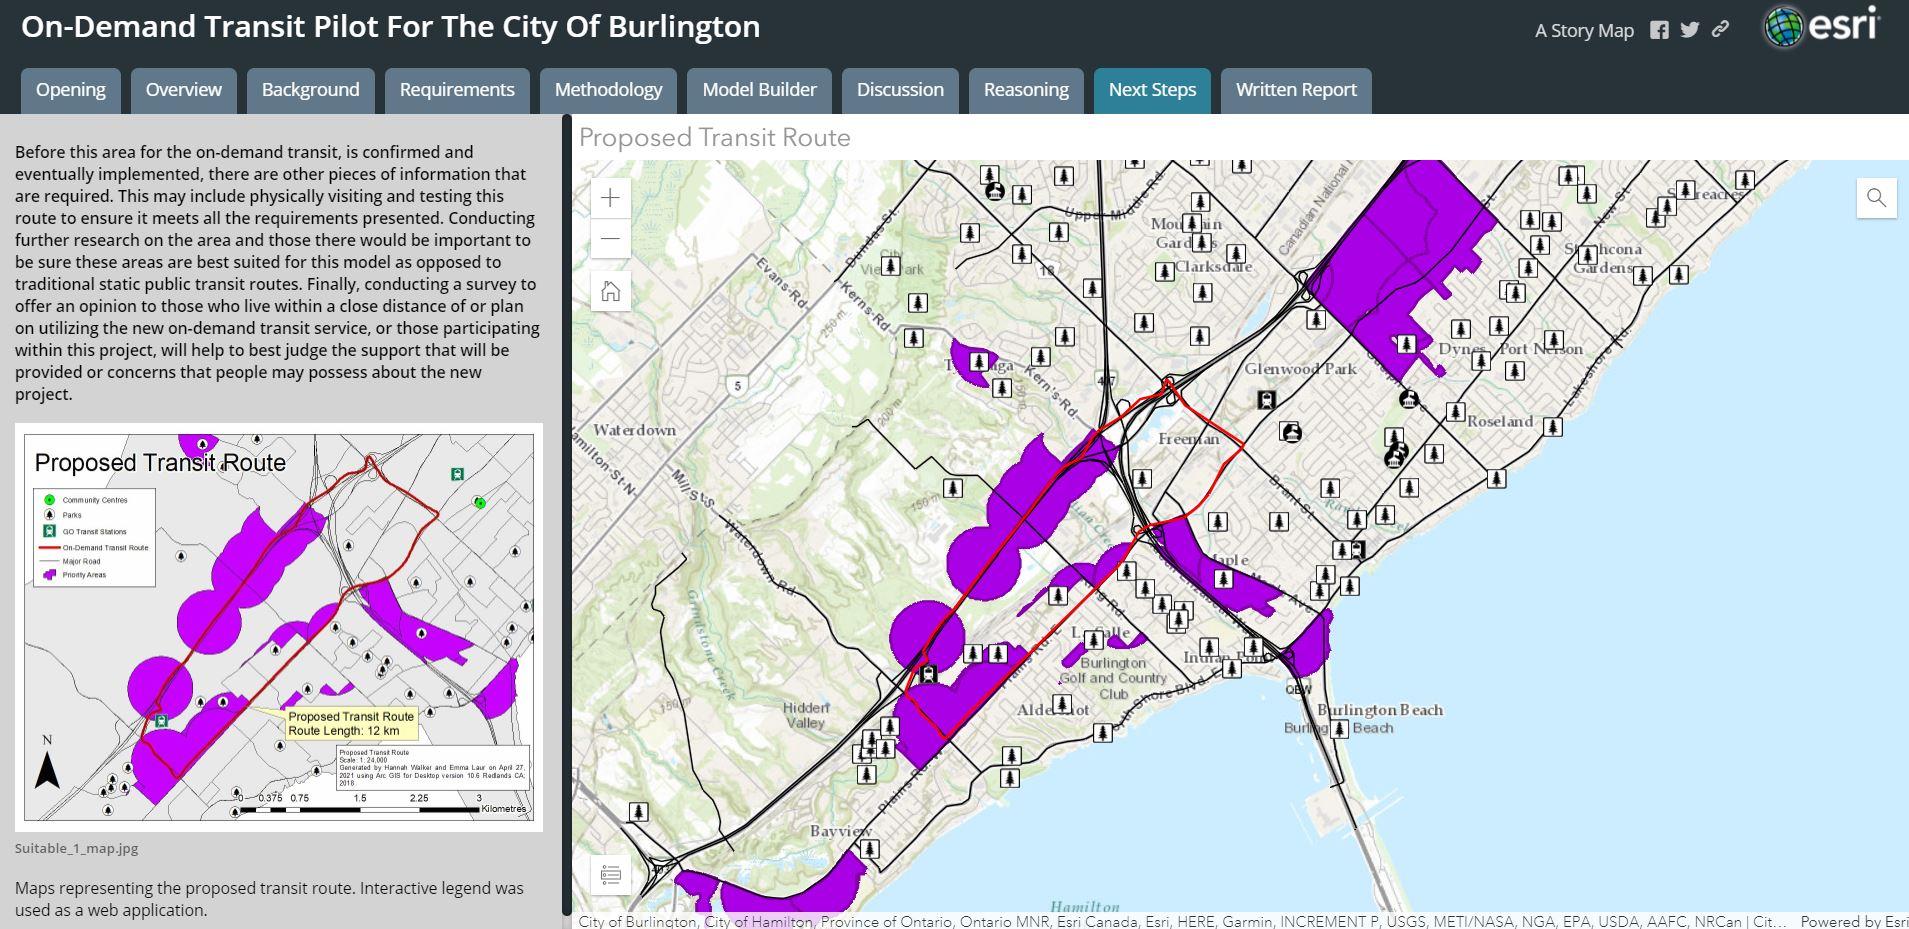 Une carte récit présentant des entités et une proposition d'itinéraire de transport à la demande dans la ville de Burlington.